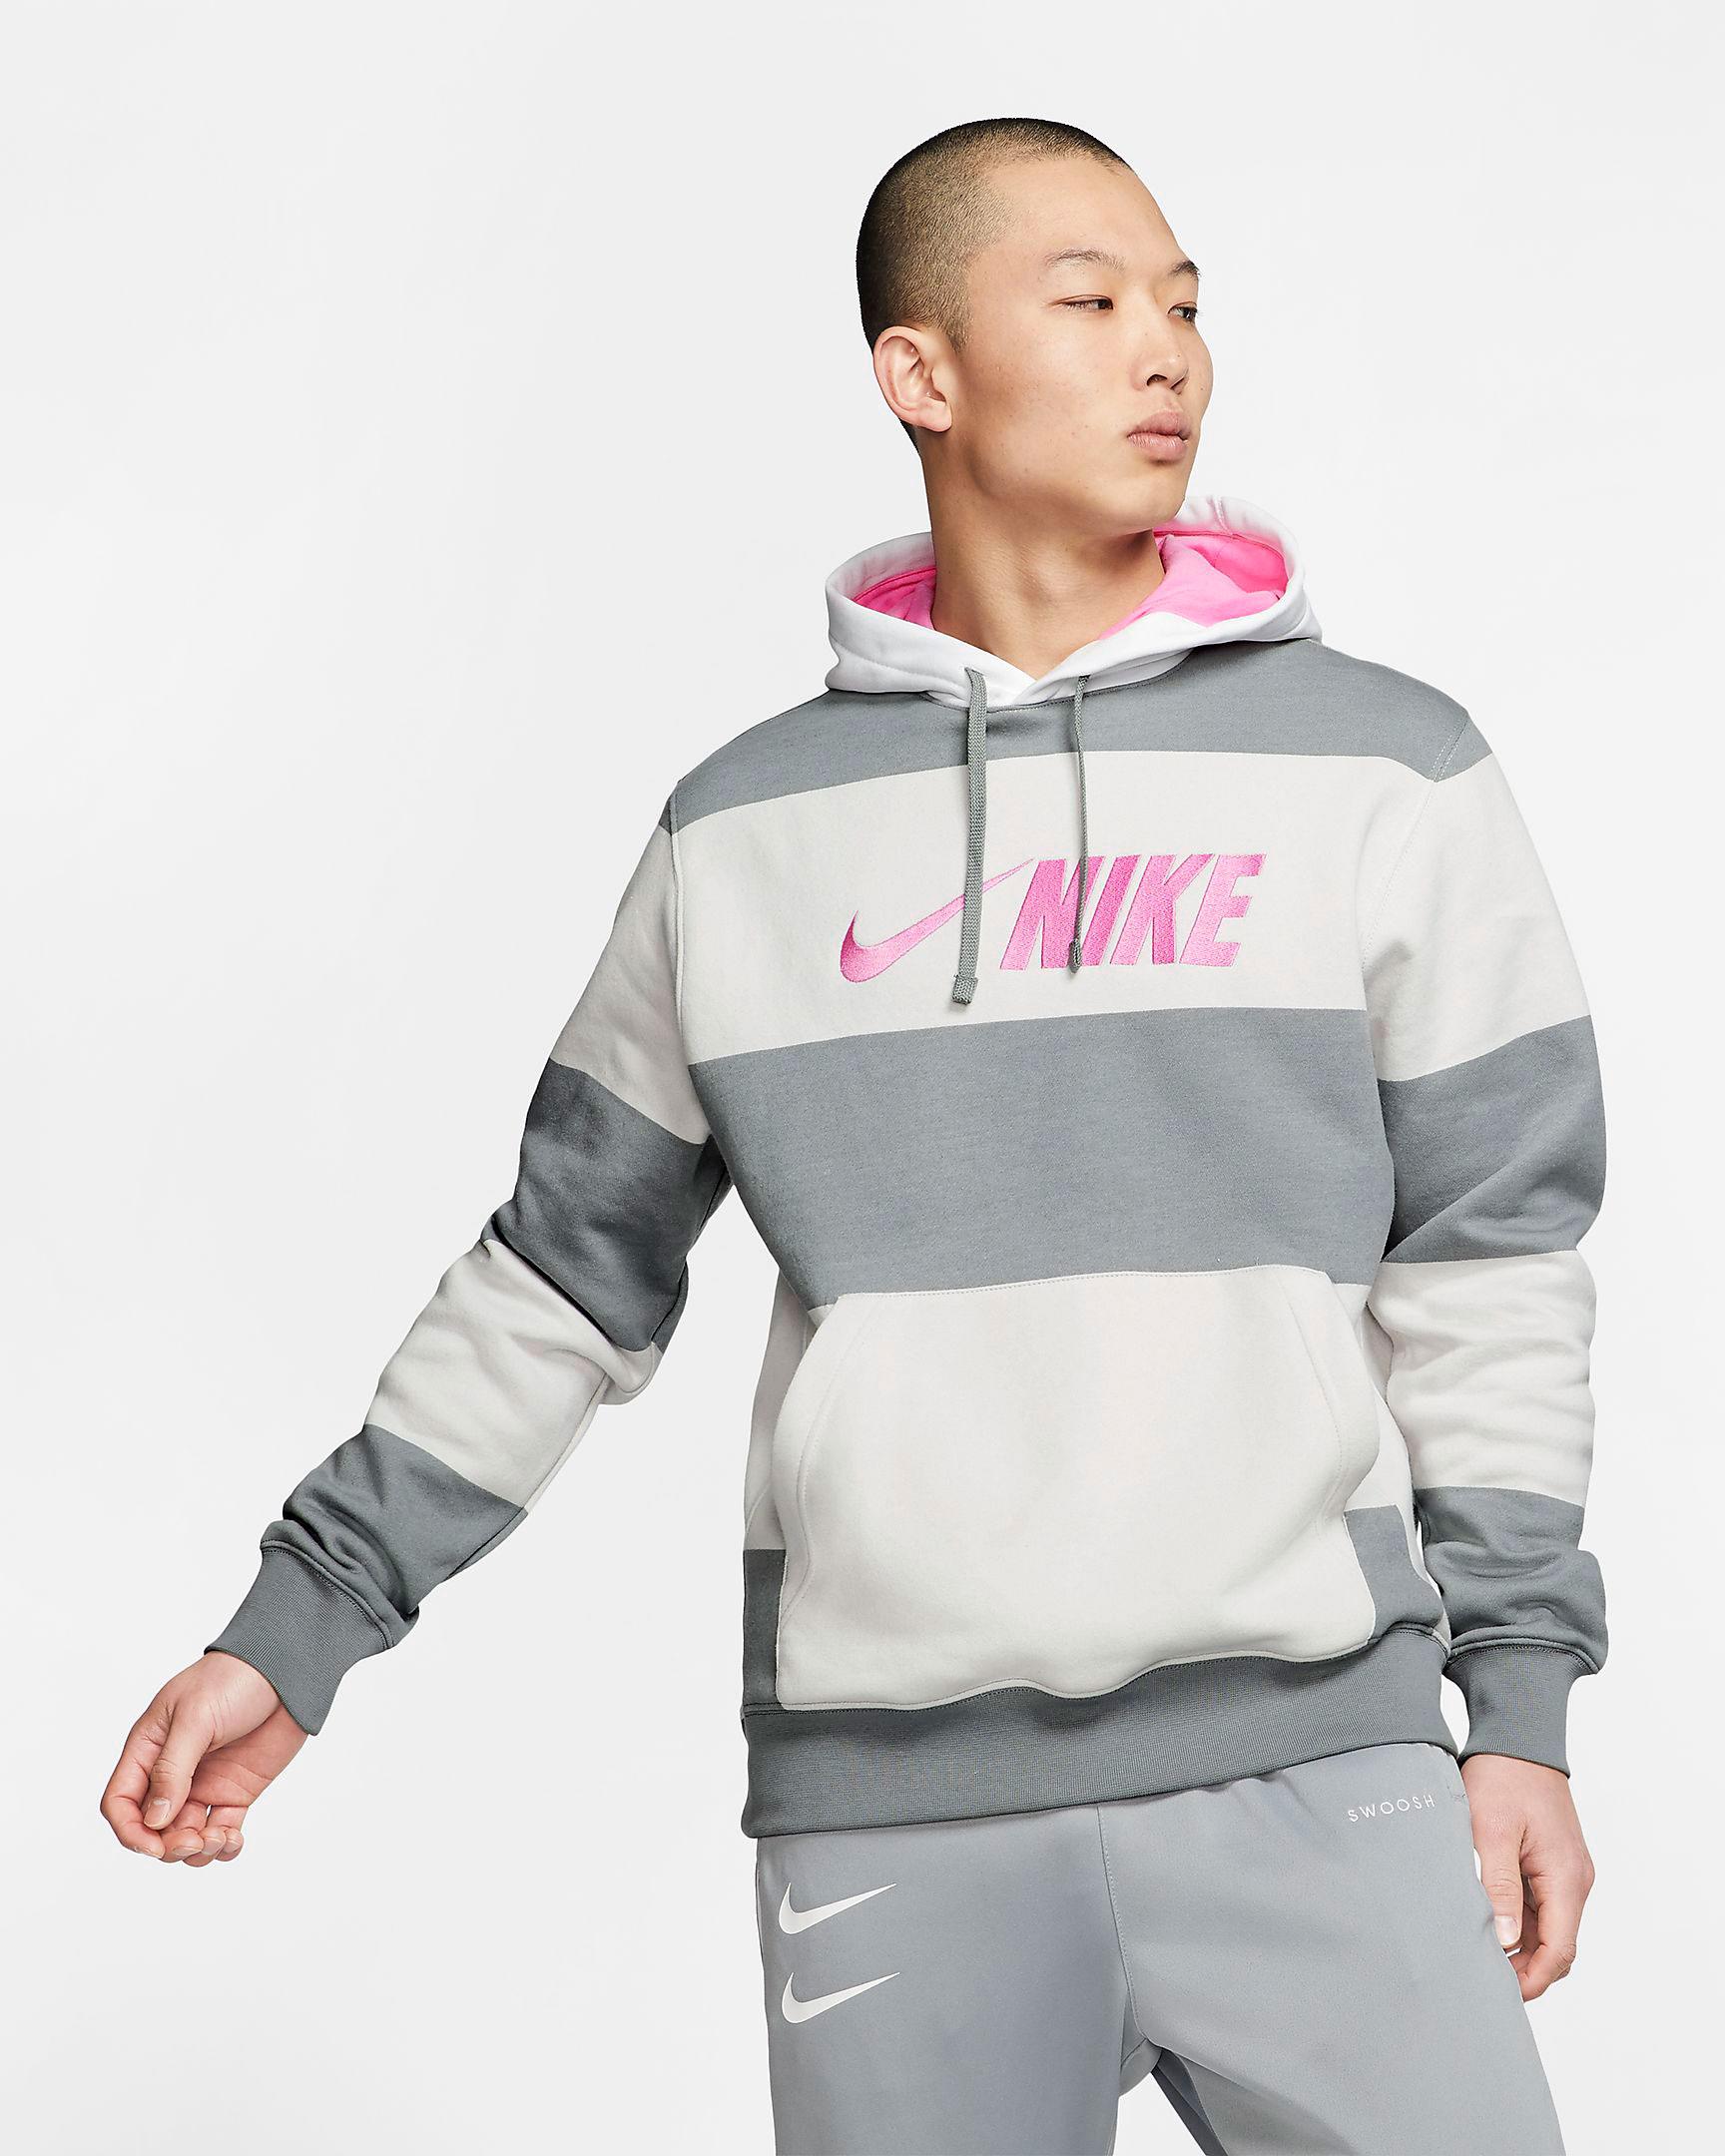 nike-air-max-90-rose-pink-hoodie-2